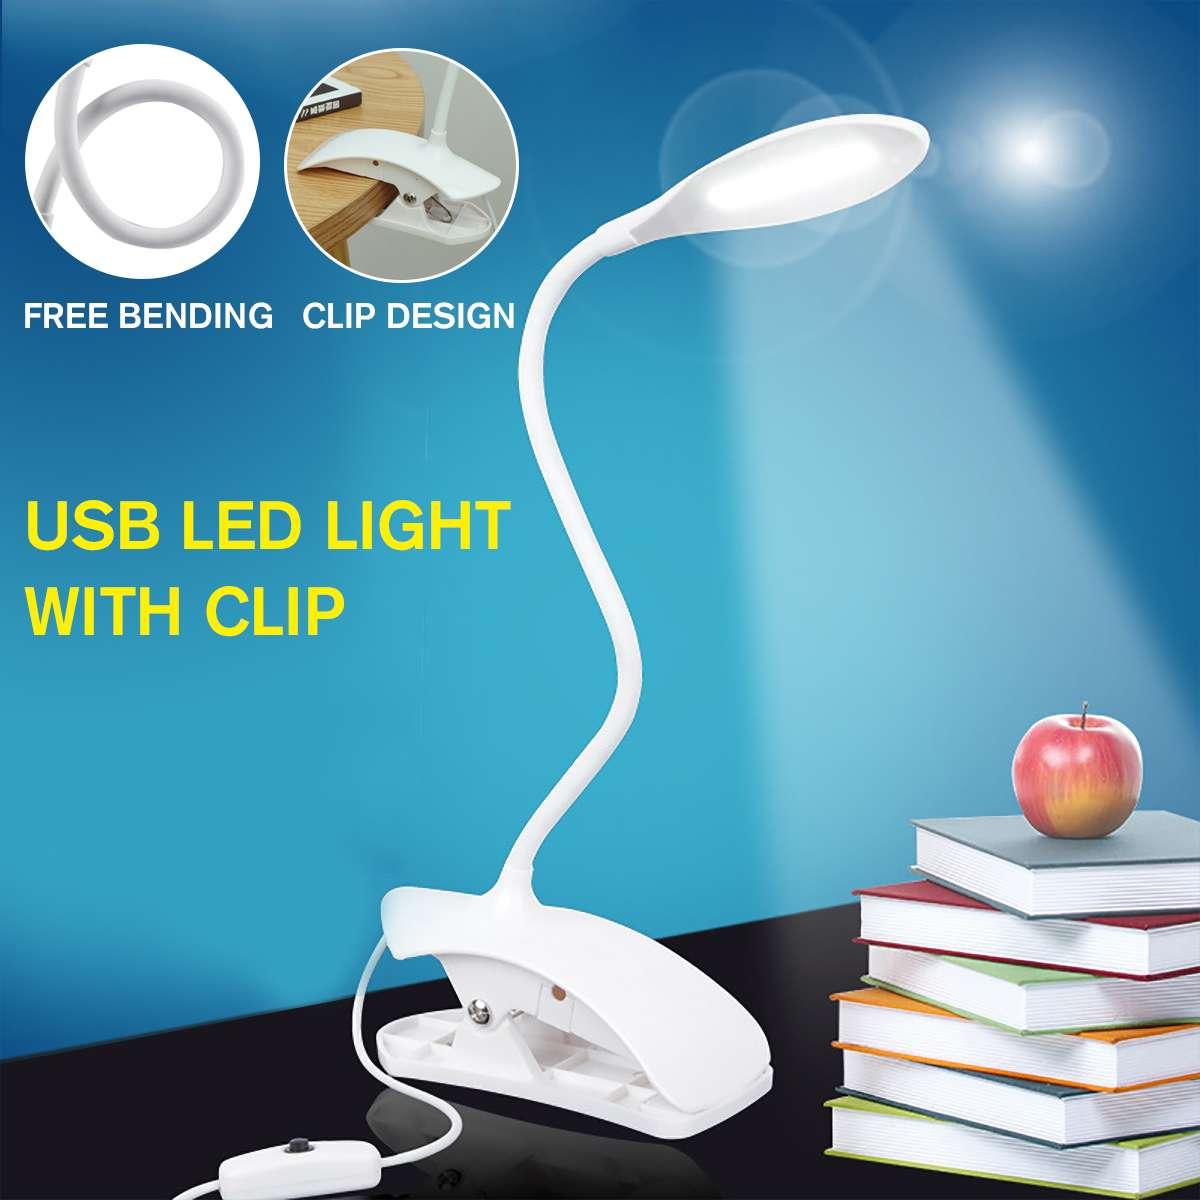 USB питание светодиодный USB книга лампа для чтения гибкая книга лампа зажим регулятора освещения настольная лампа для ноутбука ПК компьютеры